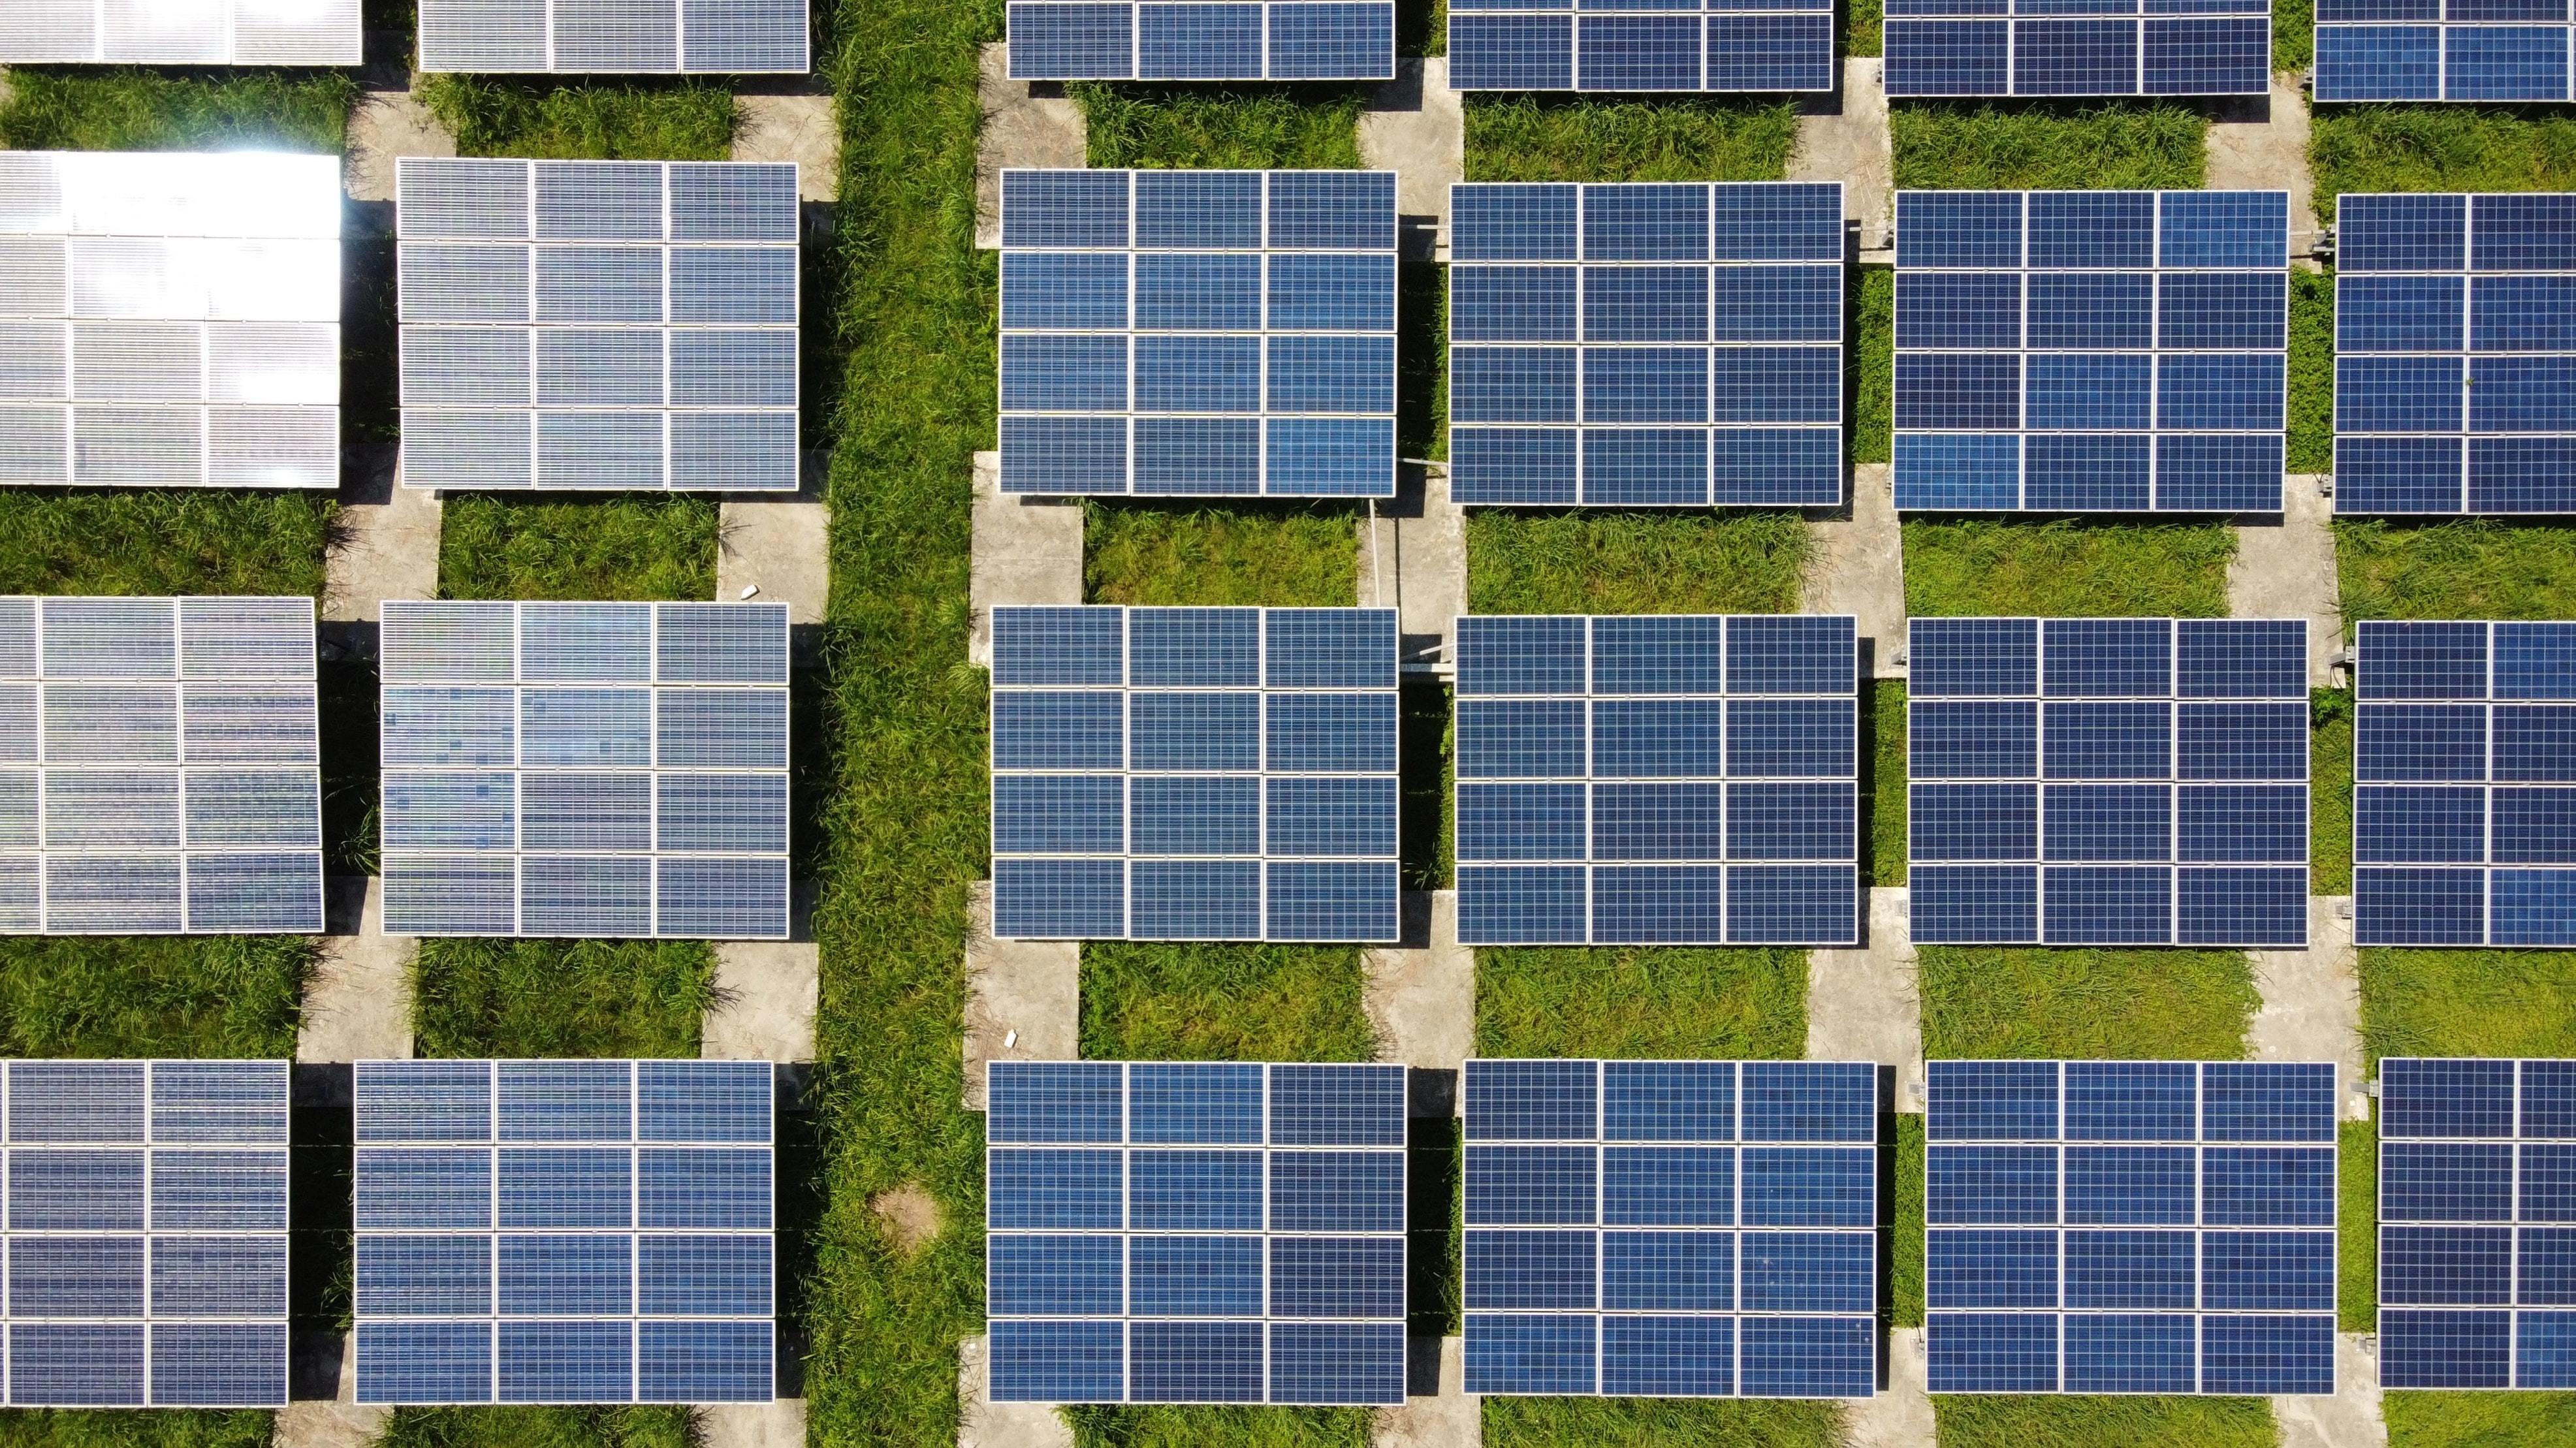 Overhead shot of solar panels, green grass, sun.